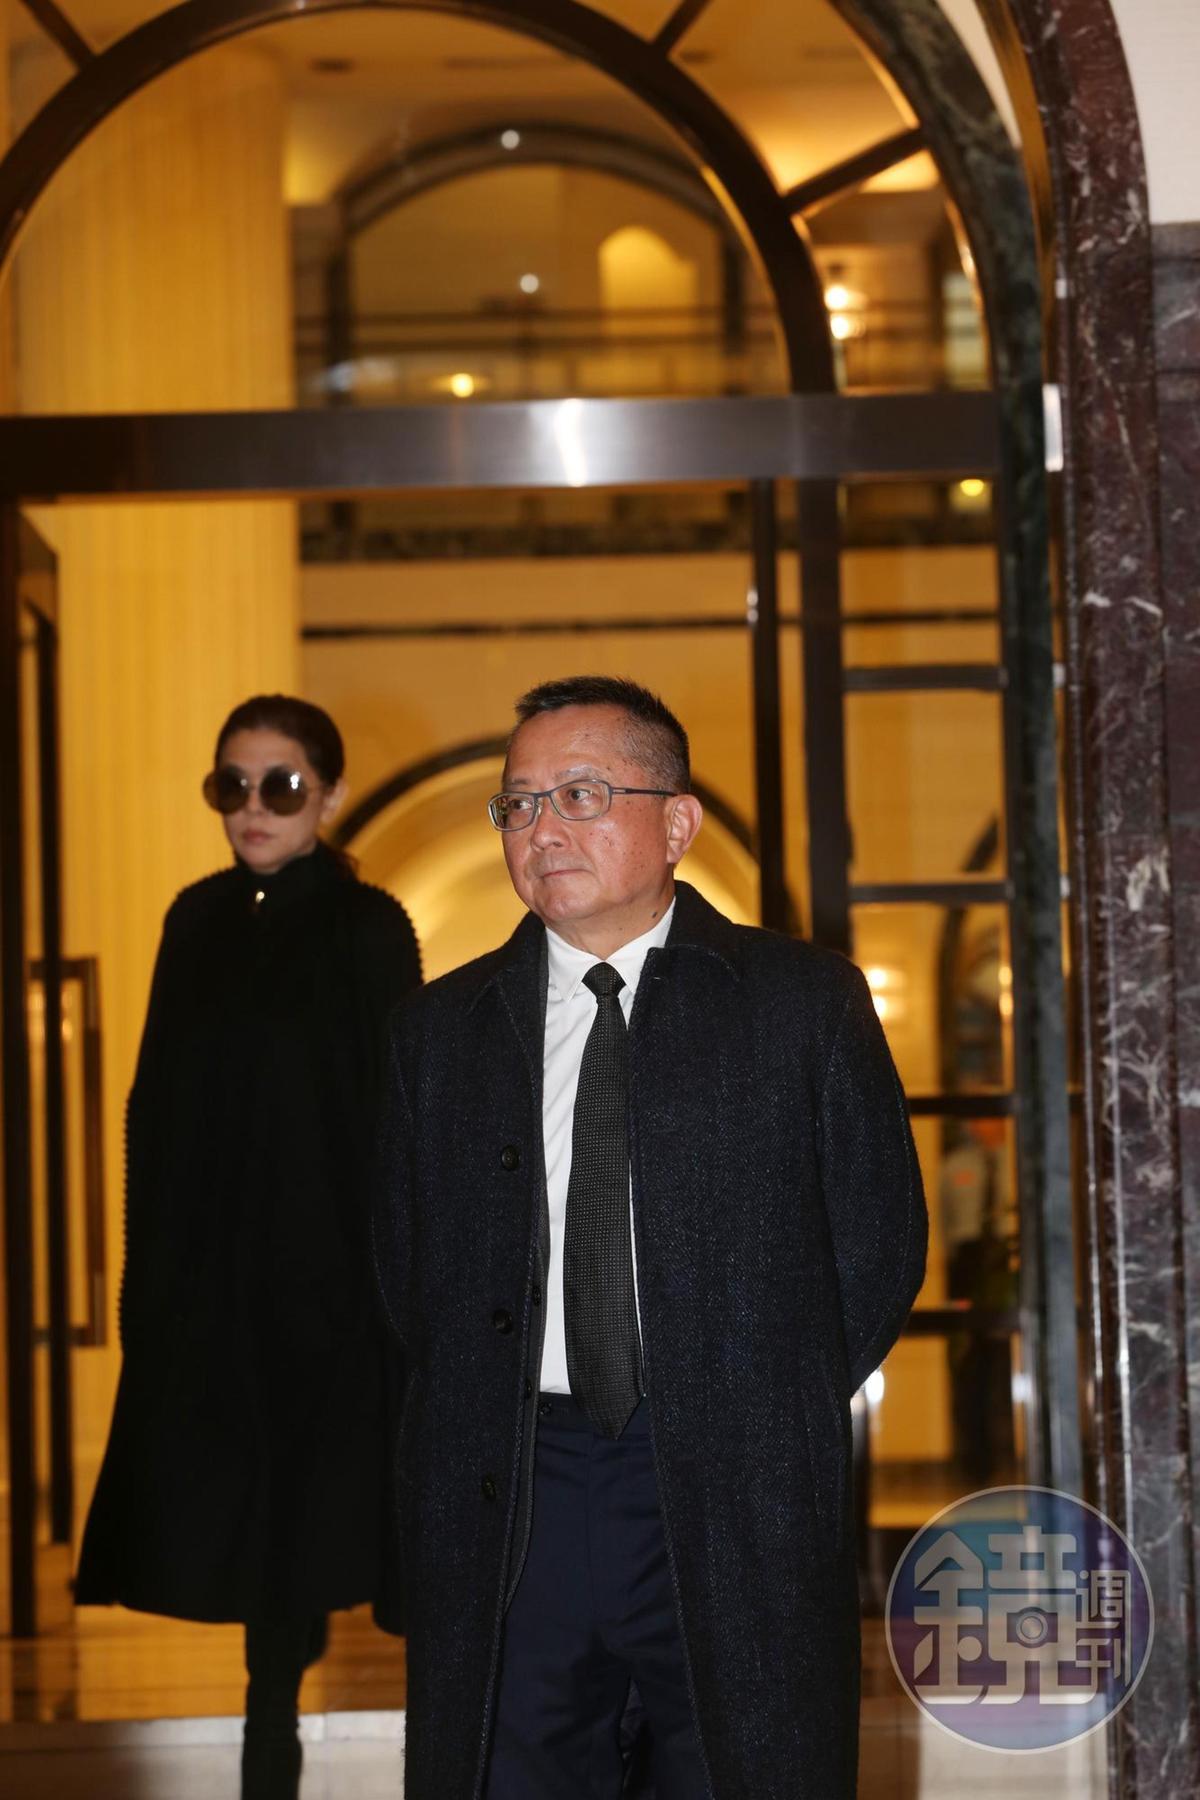 張清芳與宋學仁因無法克服雙方的差異性而決定走上離婚一途。